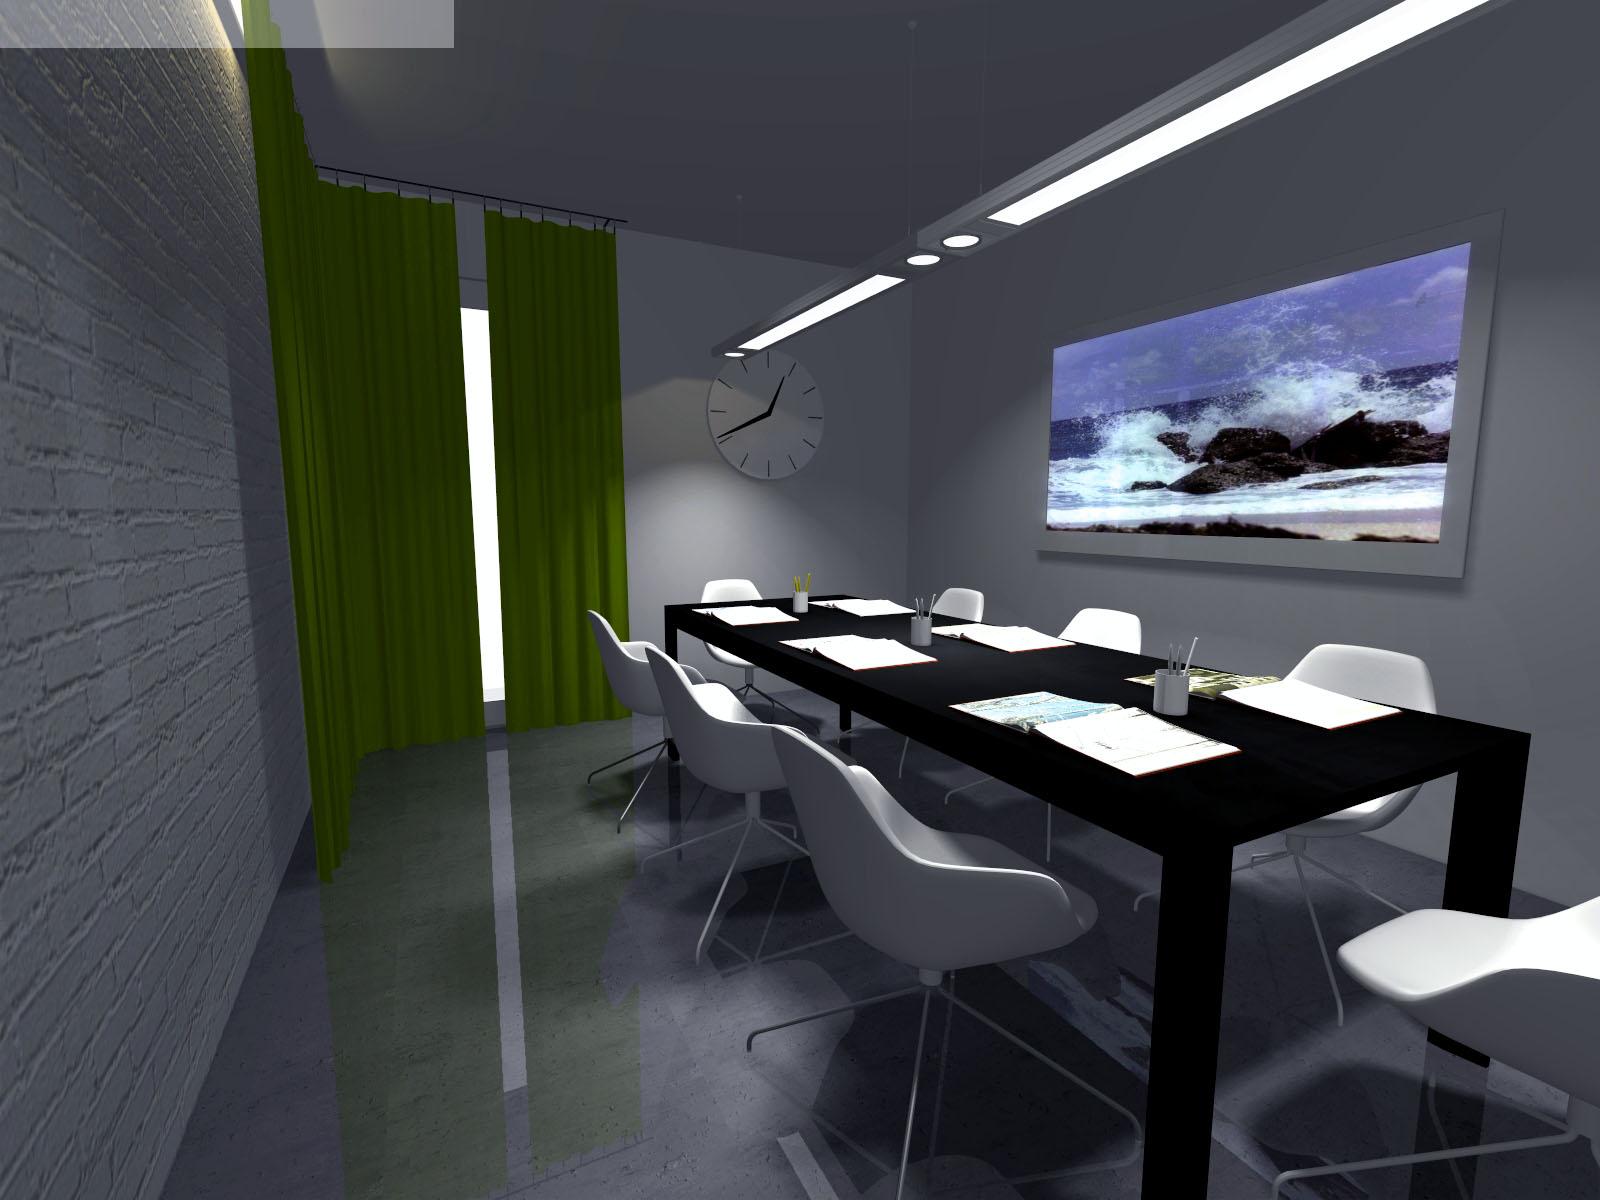 Jakie znaczenie ma kolor ścian w biurze? | zdjęcie nr 2 w galerii